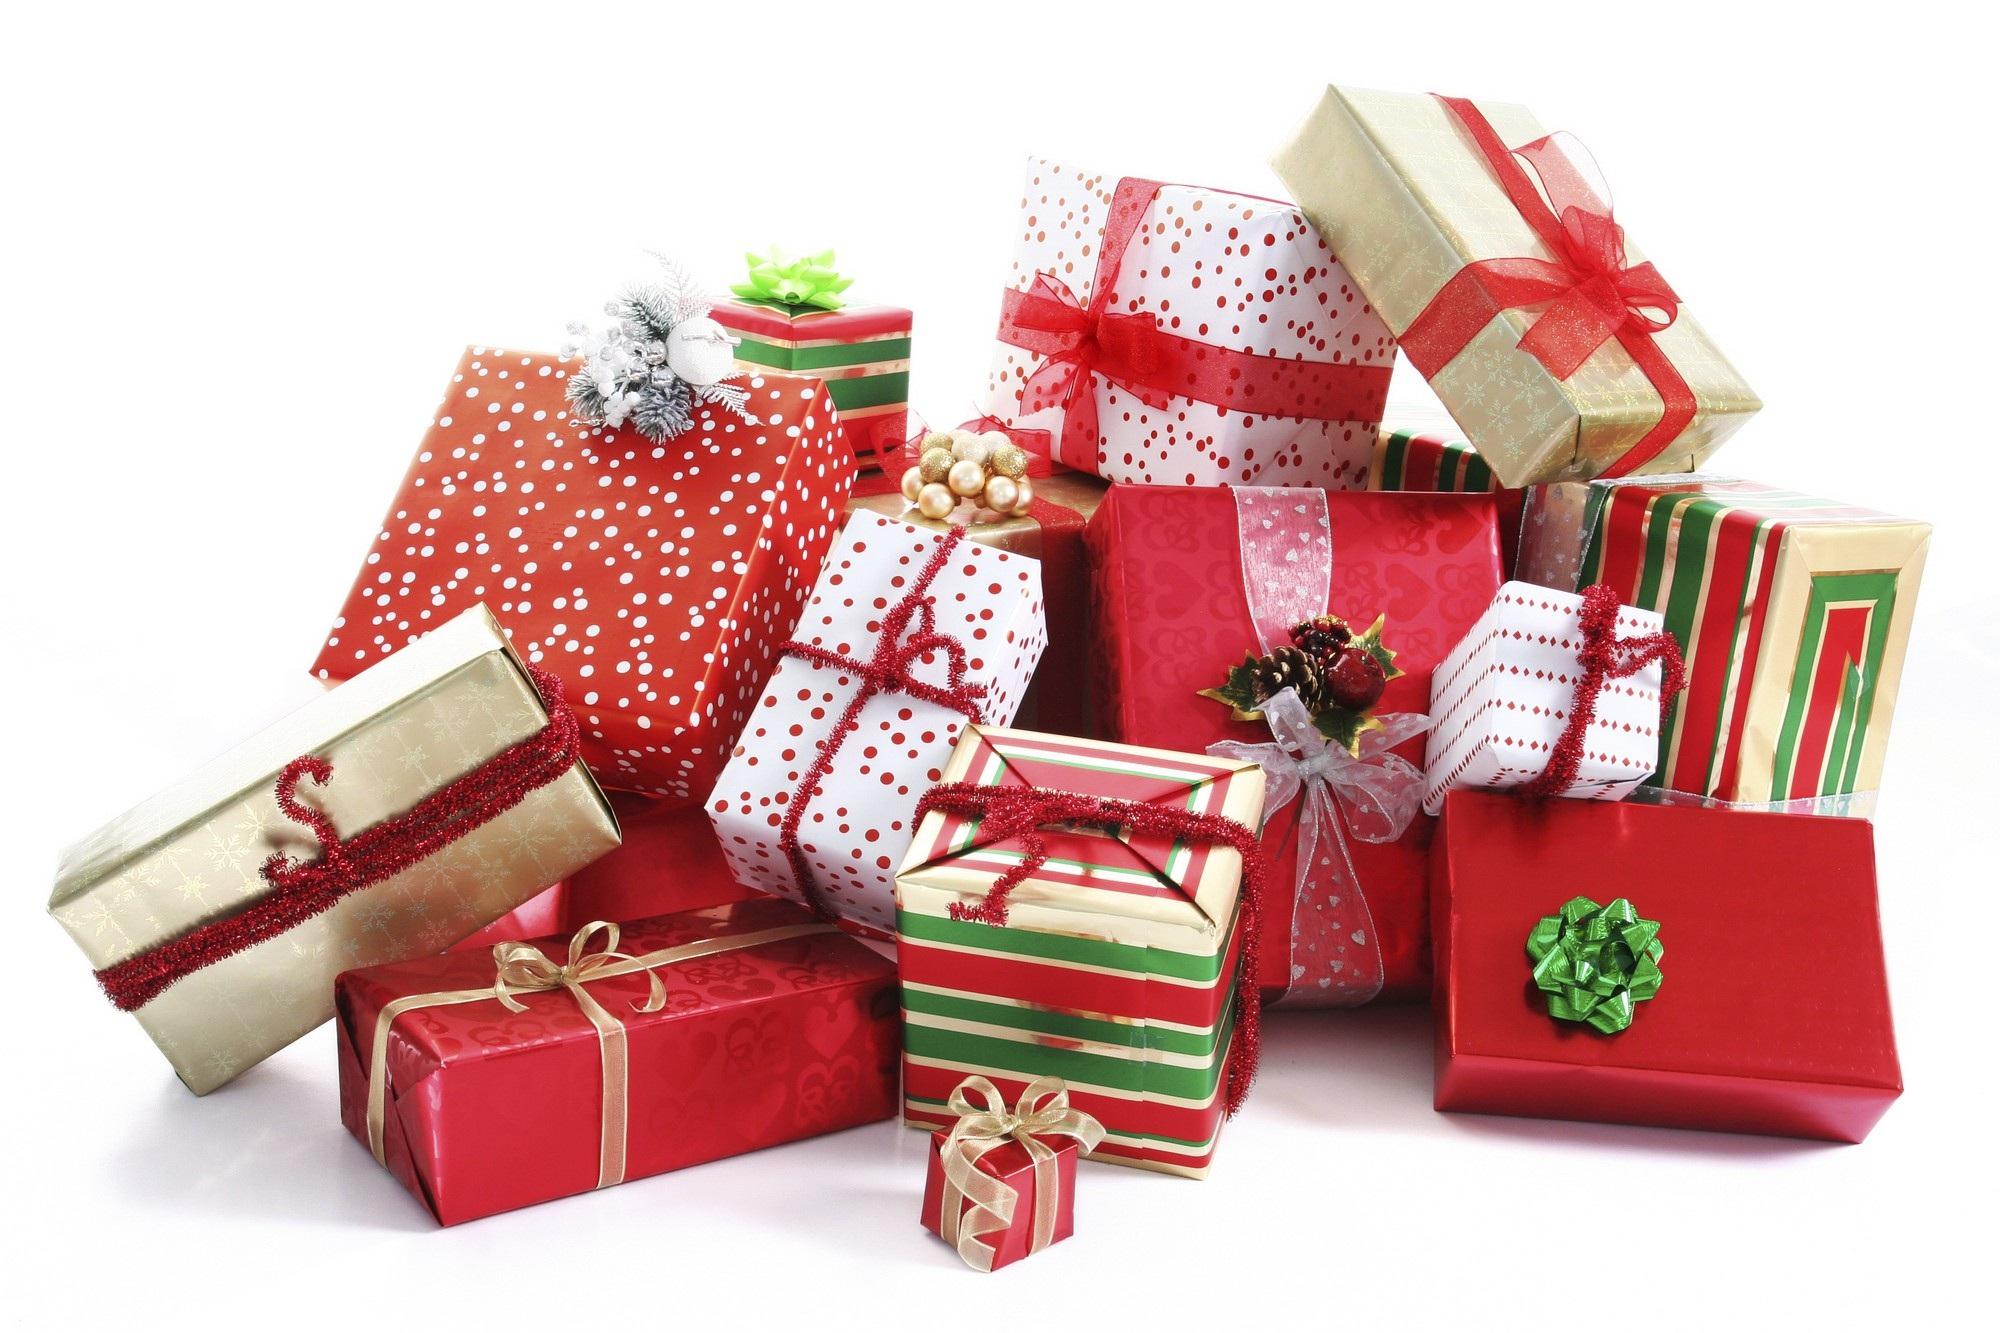 Bé 9 tuổi gọi điện báo cảnh sát vì... quà Giáng sinh không như mong đợi - Ảnh 1.